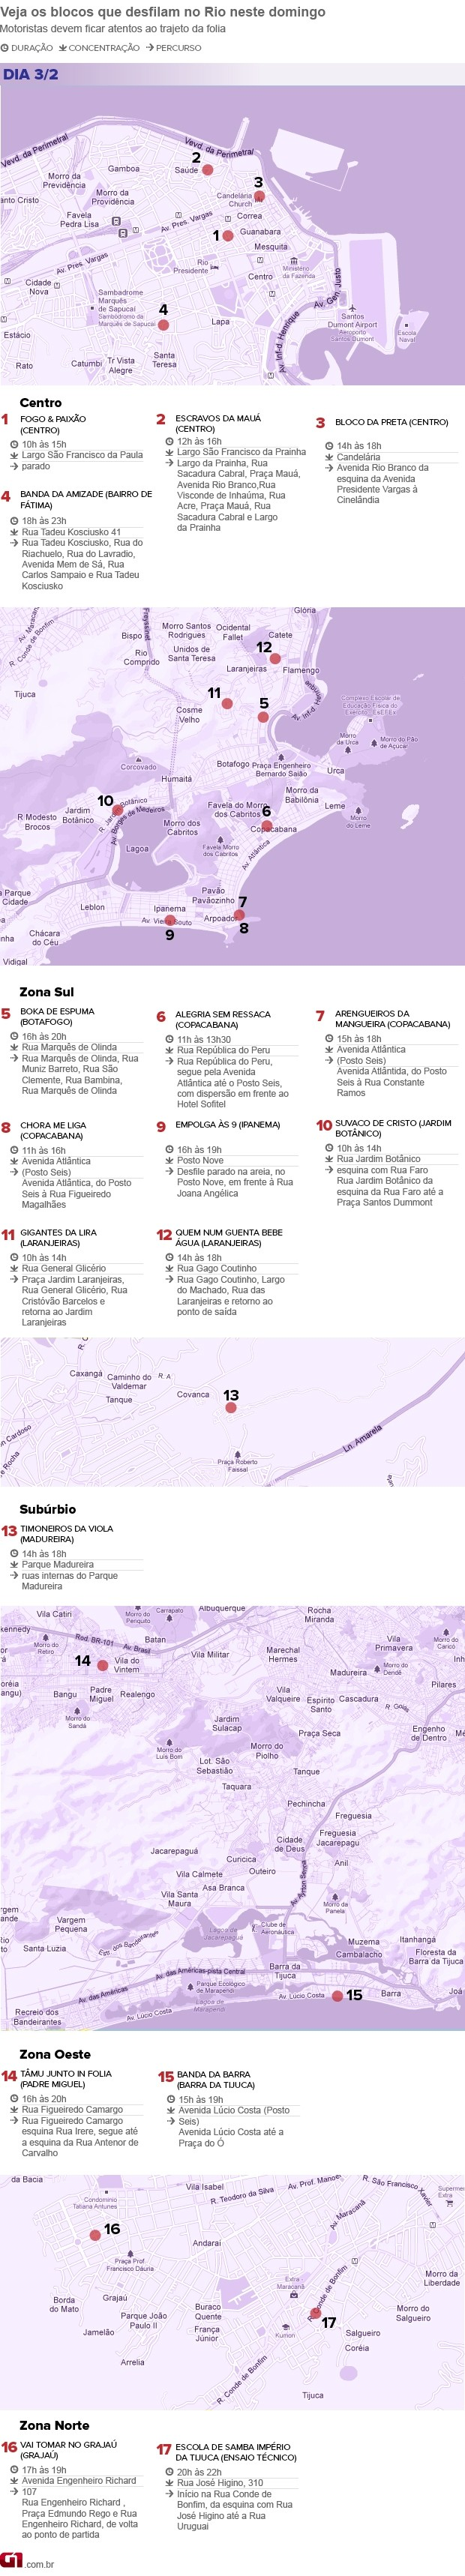 mapa blocos de domingo no Rio de Janeiro (Foto: Arte/G1)